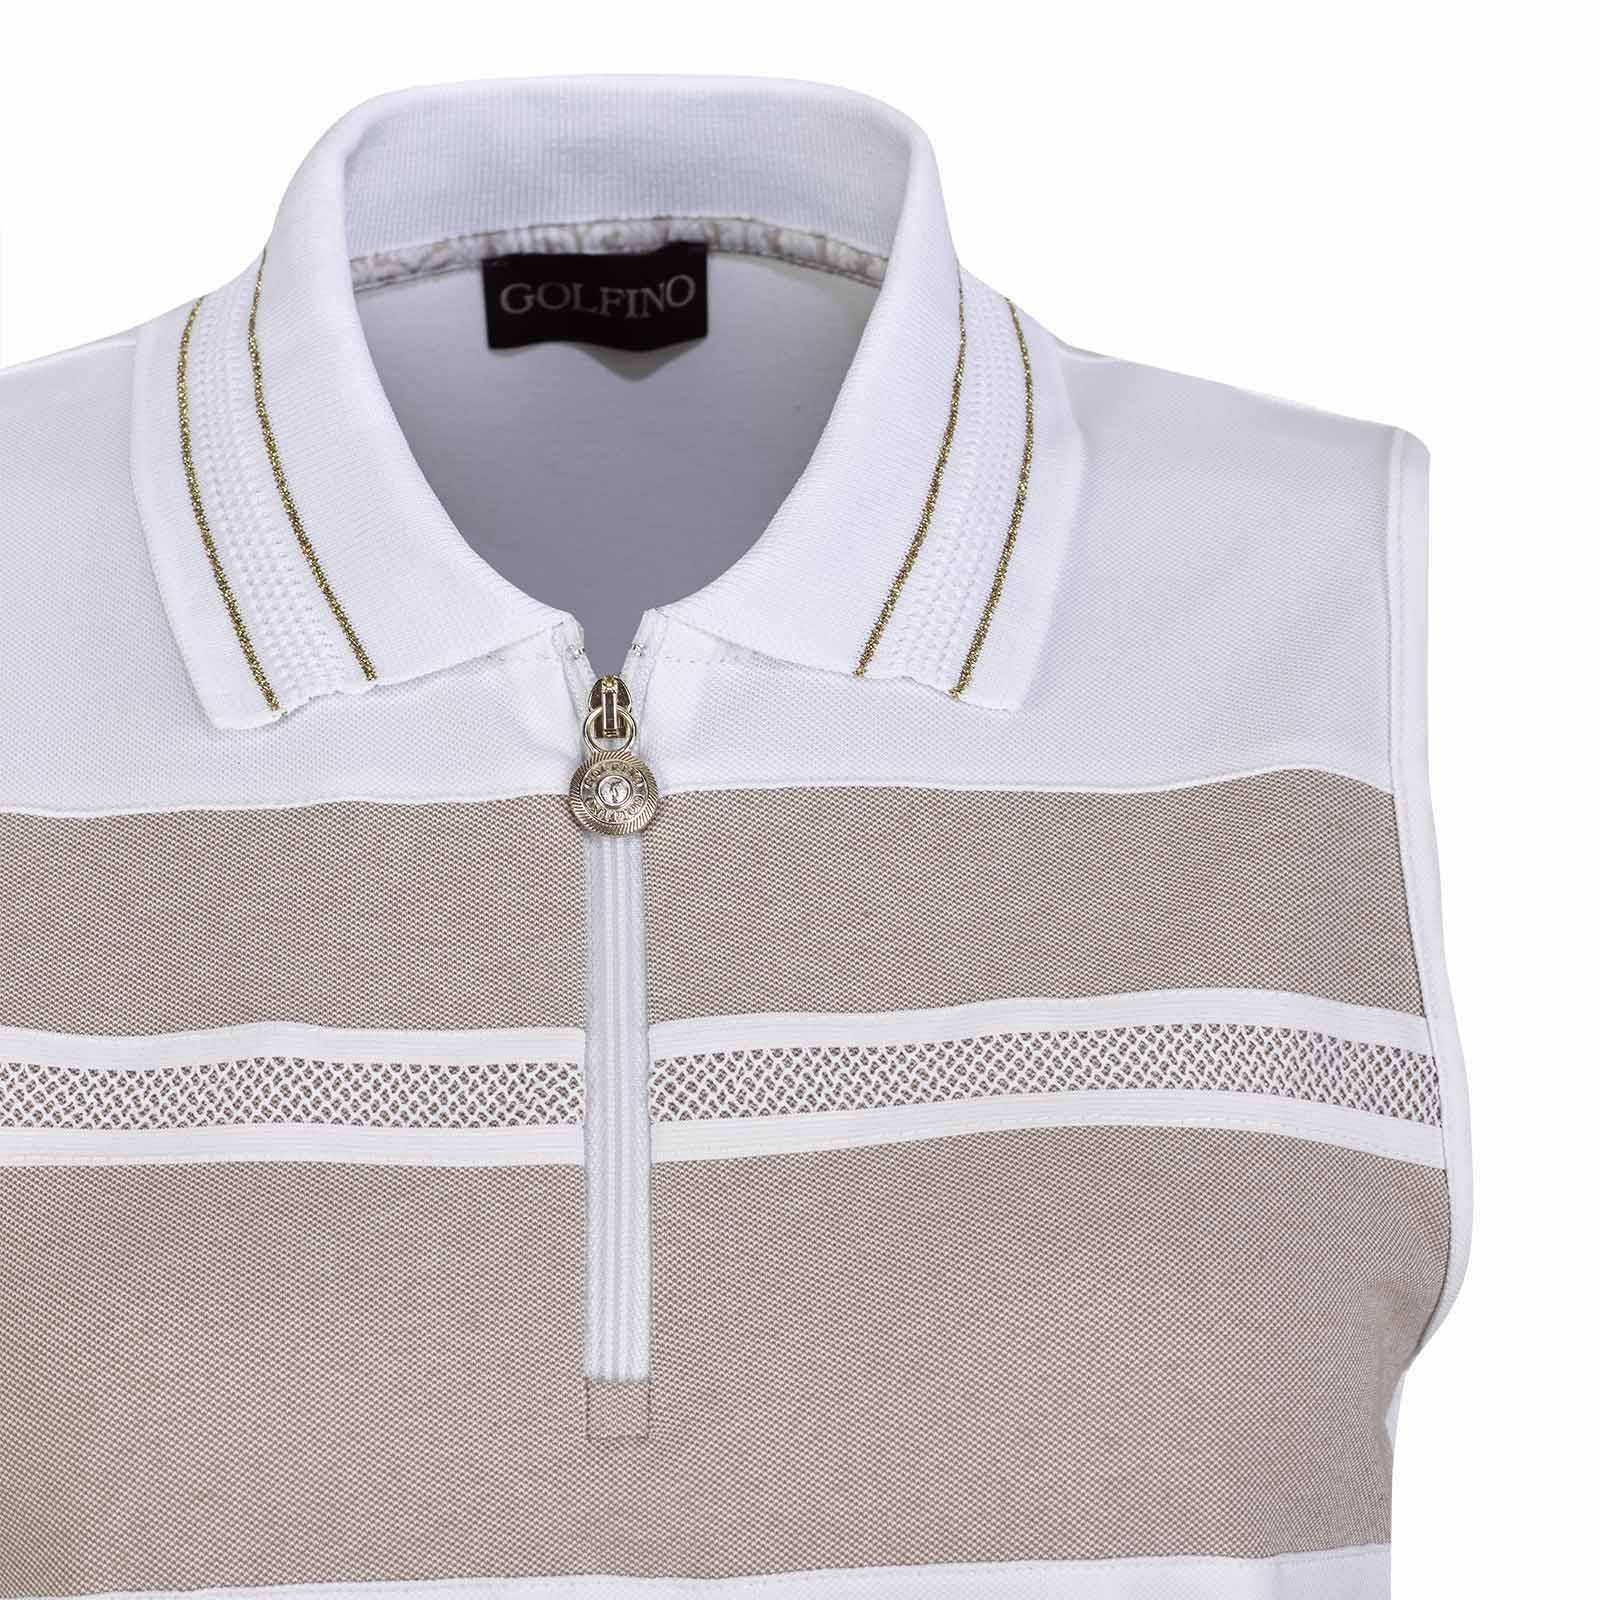 Damen Golfkleid mit Sonnenschutz und modischem Farbkonzept in Slim Fit